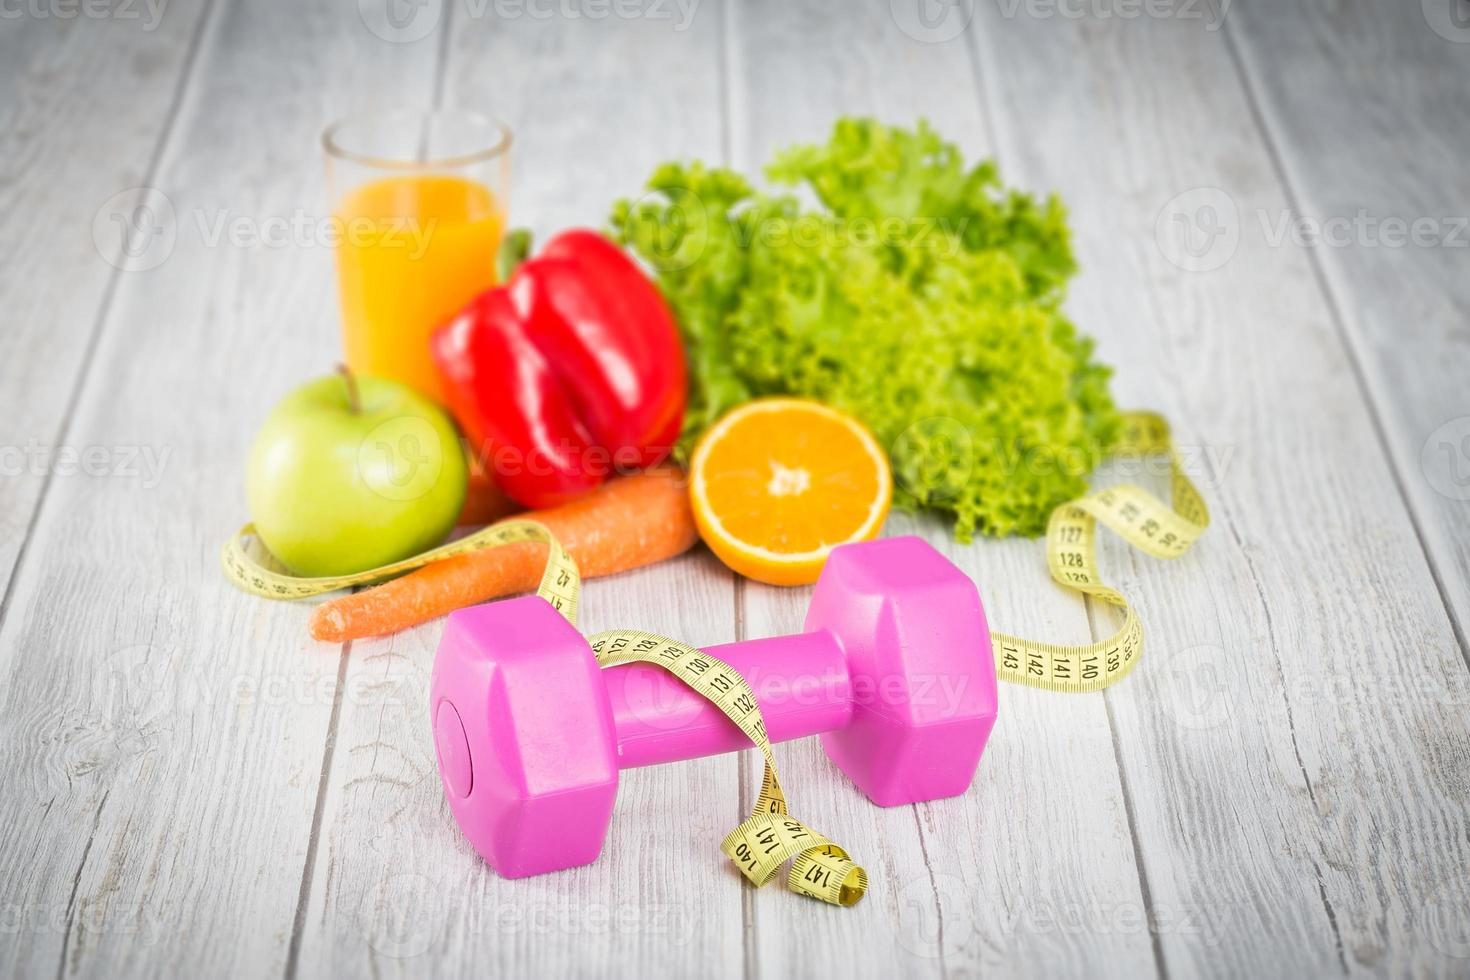 aparatos de fitness y comida sana. foto